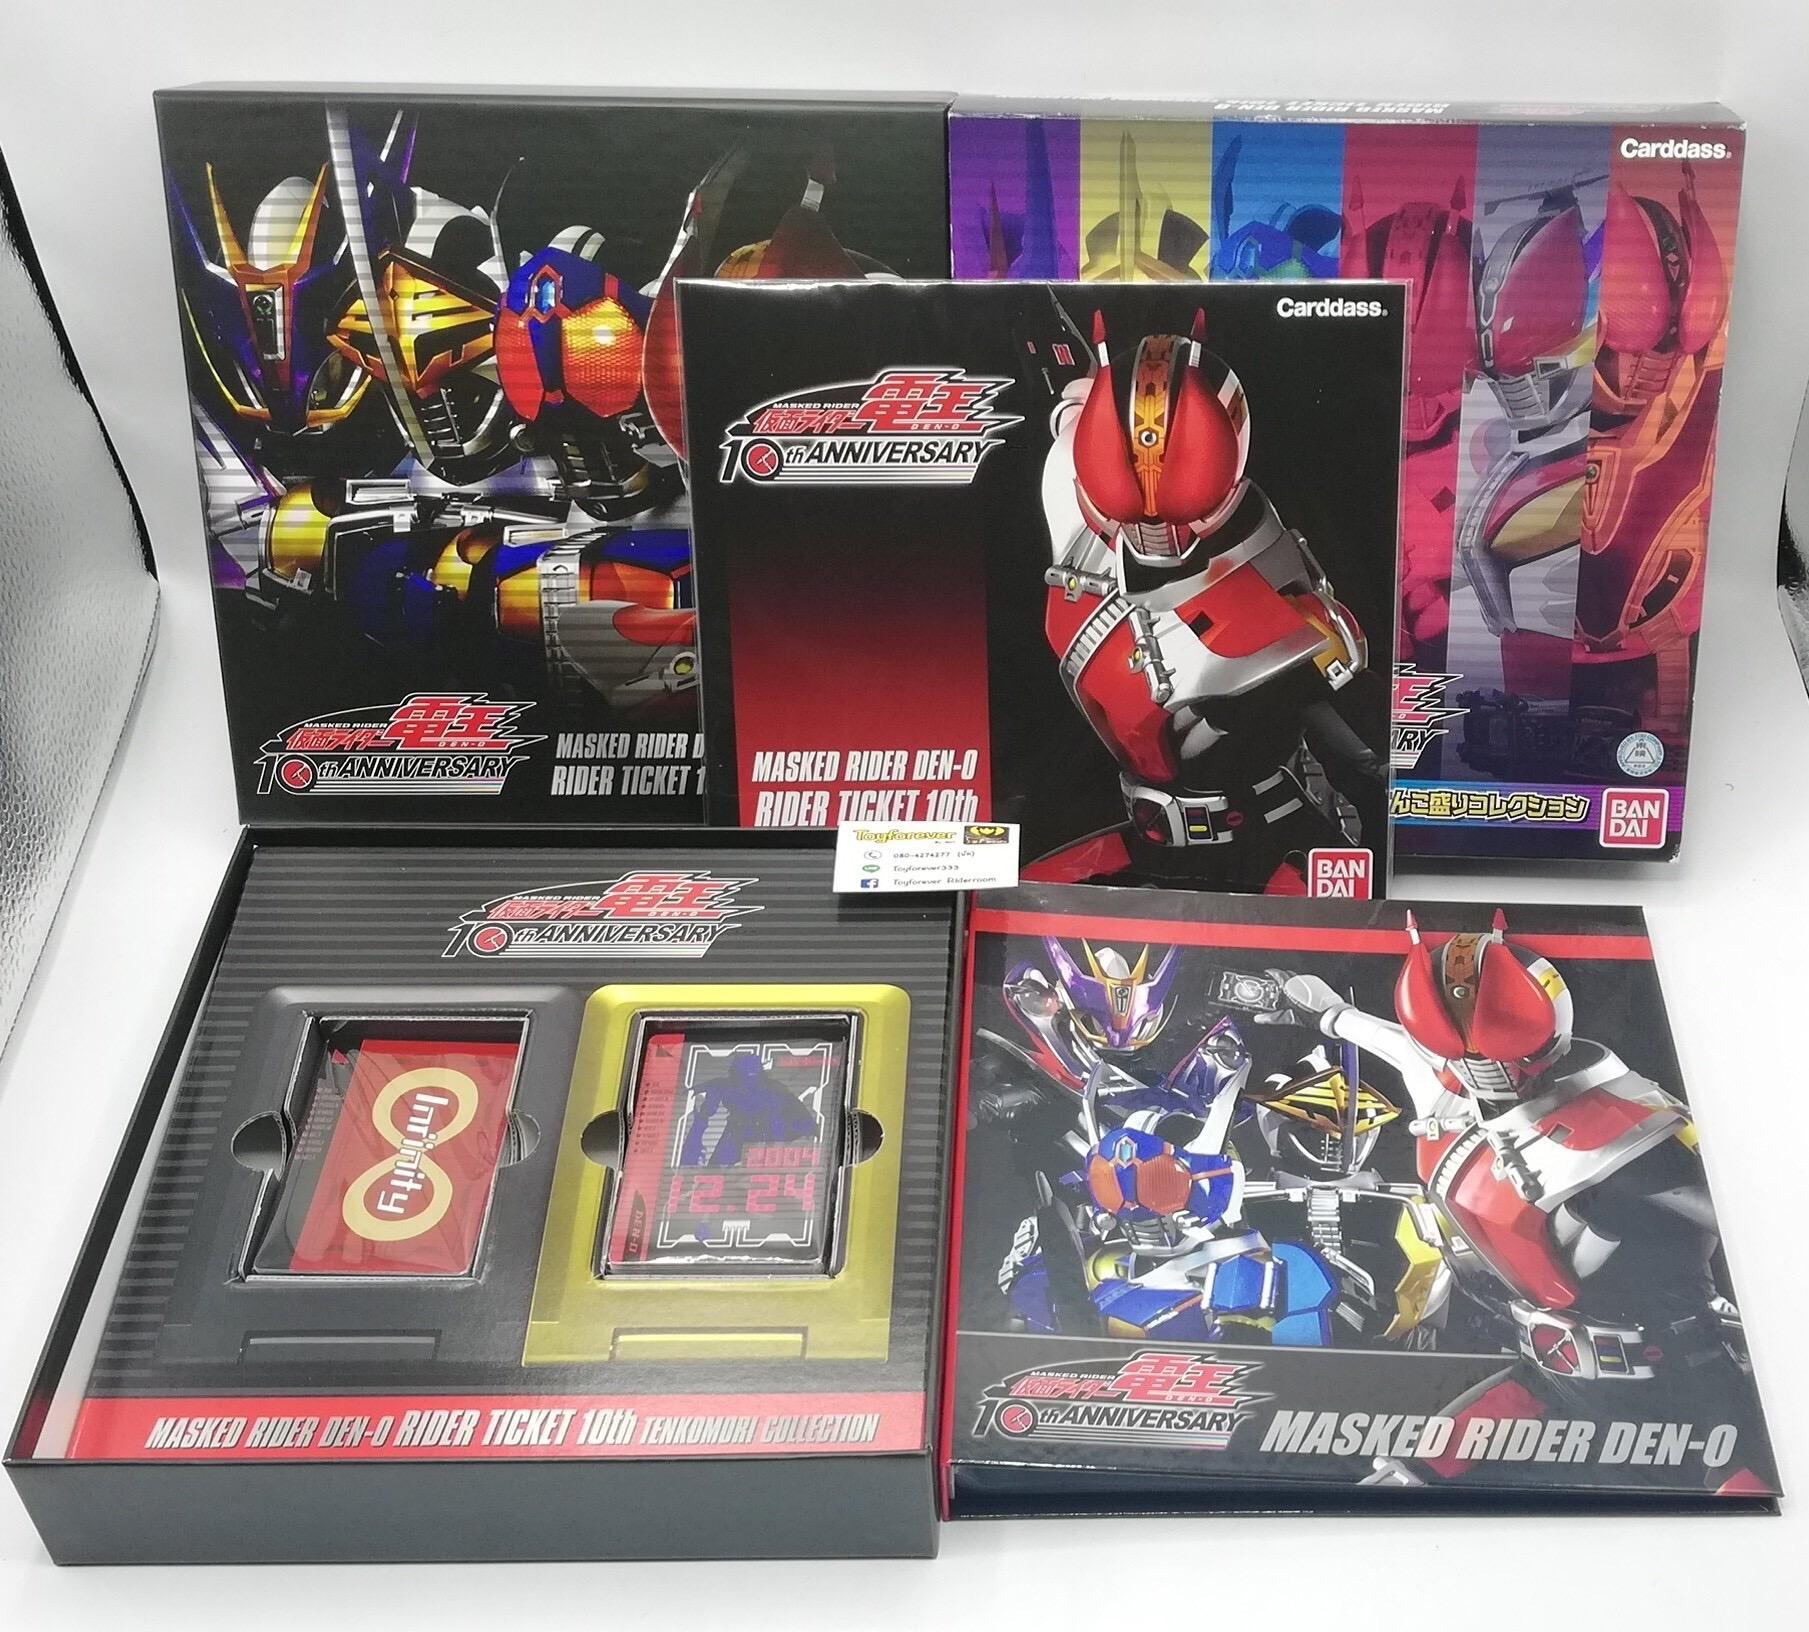 Kamen Rider Den-O rider ticket 10th anniversary